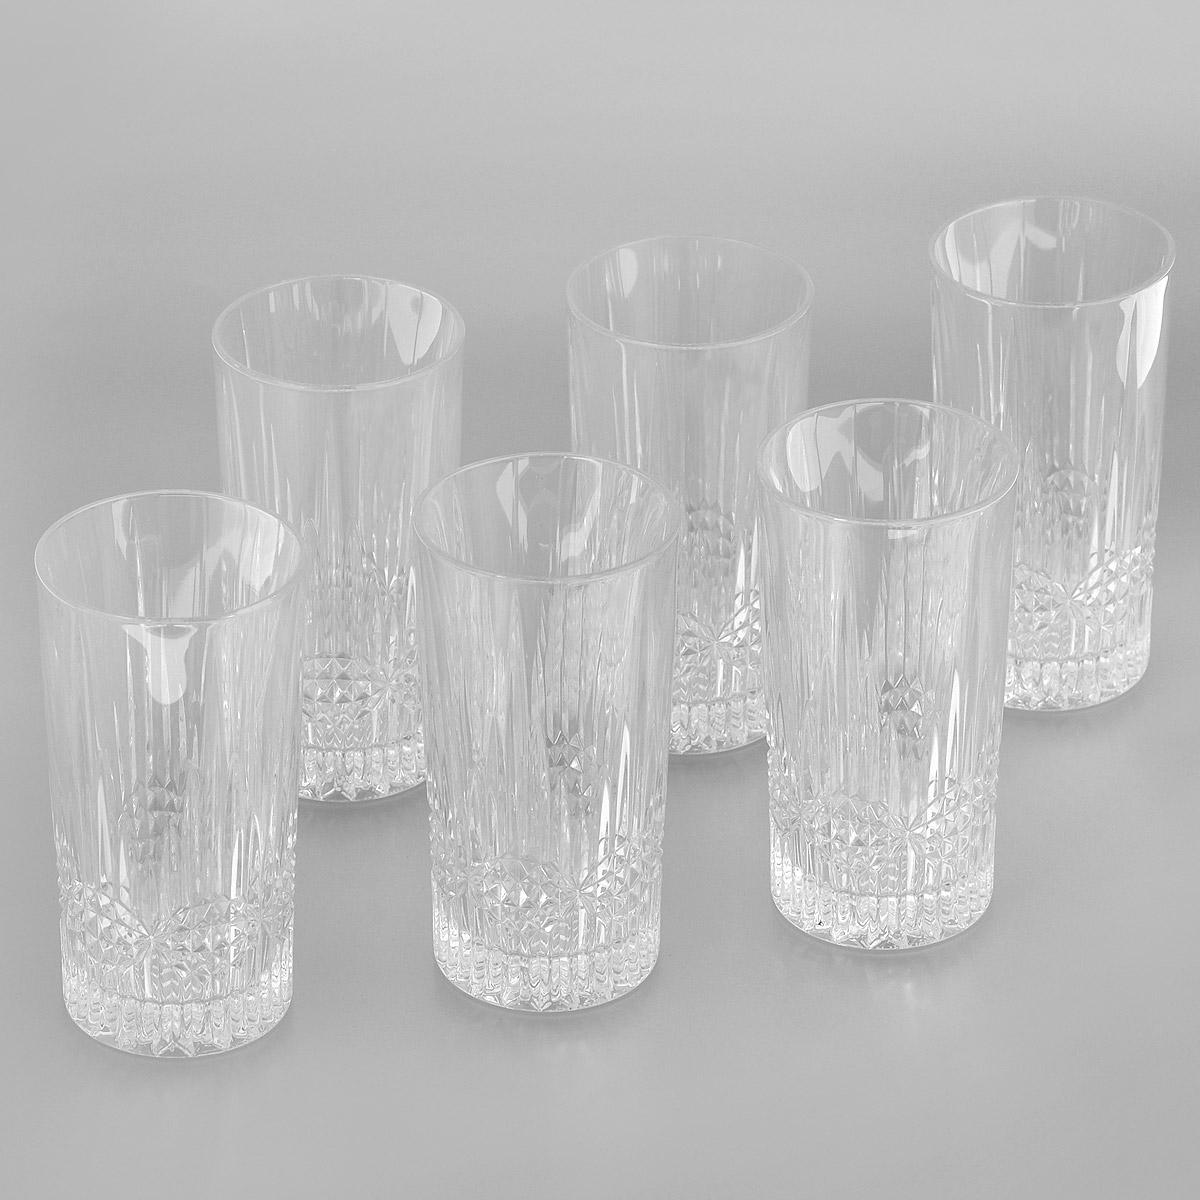 Набор стаканов для воды Crystal Bohemia Vibes, 300 мл, 6 шт05C1249-USSR_Серп и молотНабор для воды Crystal Bohemia Vibes состоит из шести стаканов. Изделия выполнены из прочного высококачественного хрусталя и декорированы рельефом. Они излучают приятный блеск и издают мелодичный звон. Набор предназначен для подачи воды. Набор для воды Crystal Bohemia Vibes прекрасно оформит интерьер кабинета или гостиной и станет отличным дополнением бара. Такой набор также станет хорошим подарком к любому случаю. Диаметр по верхнему краю: 7 см.Высота стакана: 14 см.Диаметр основания: 6,3 см.